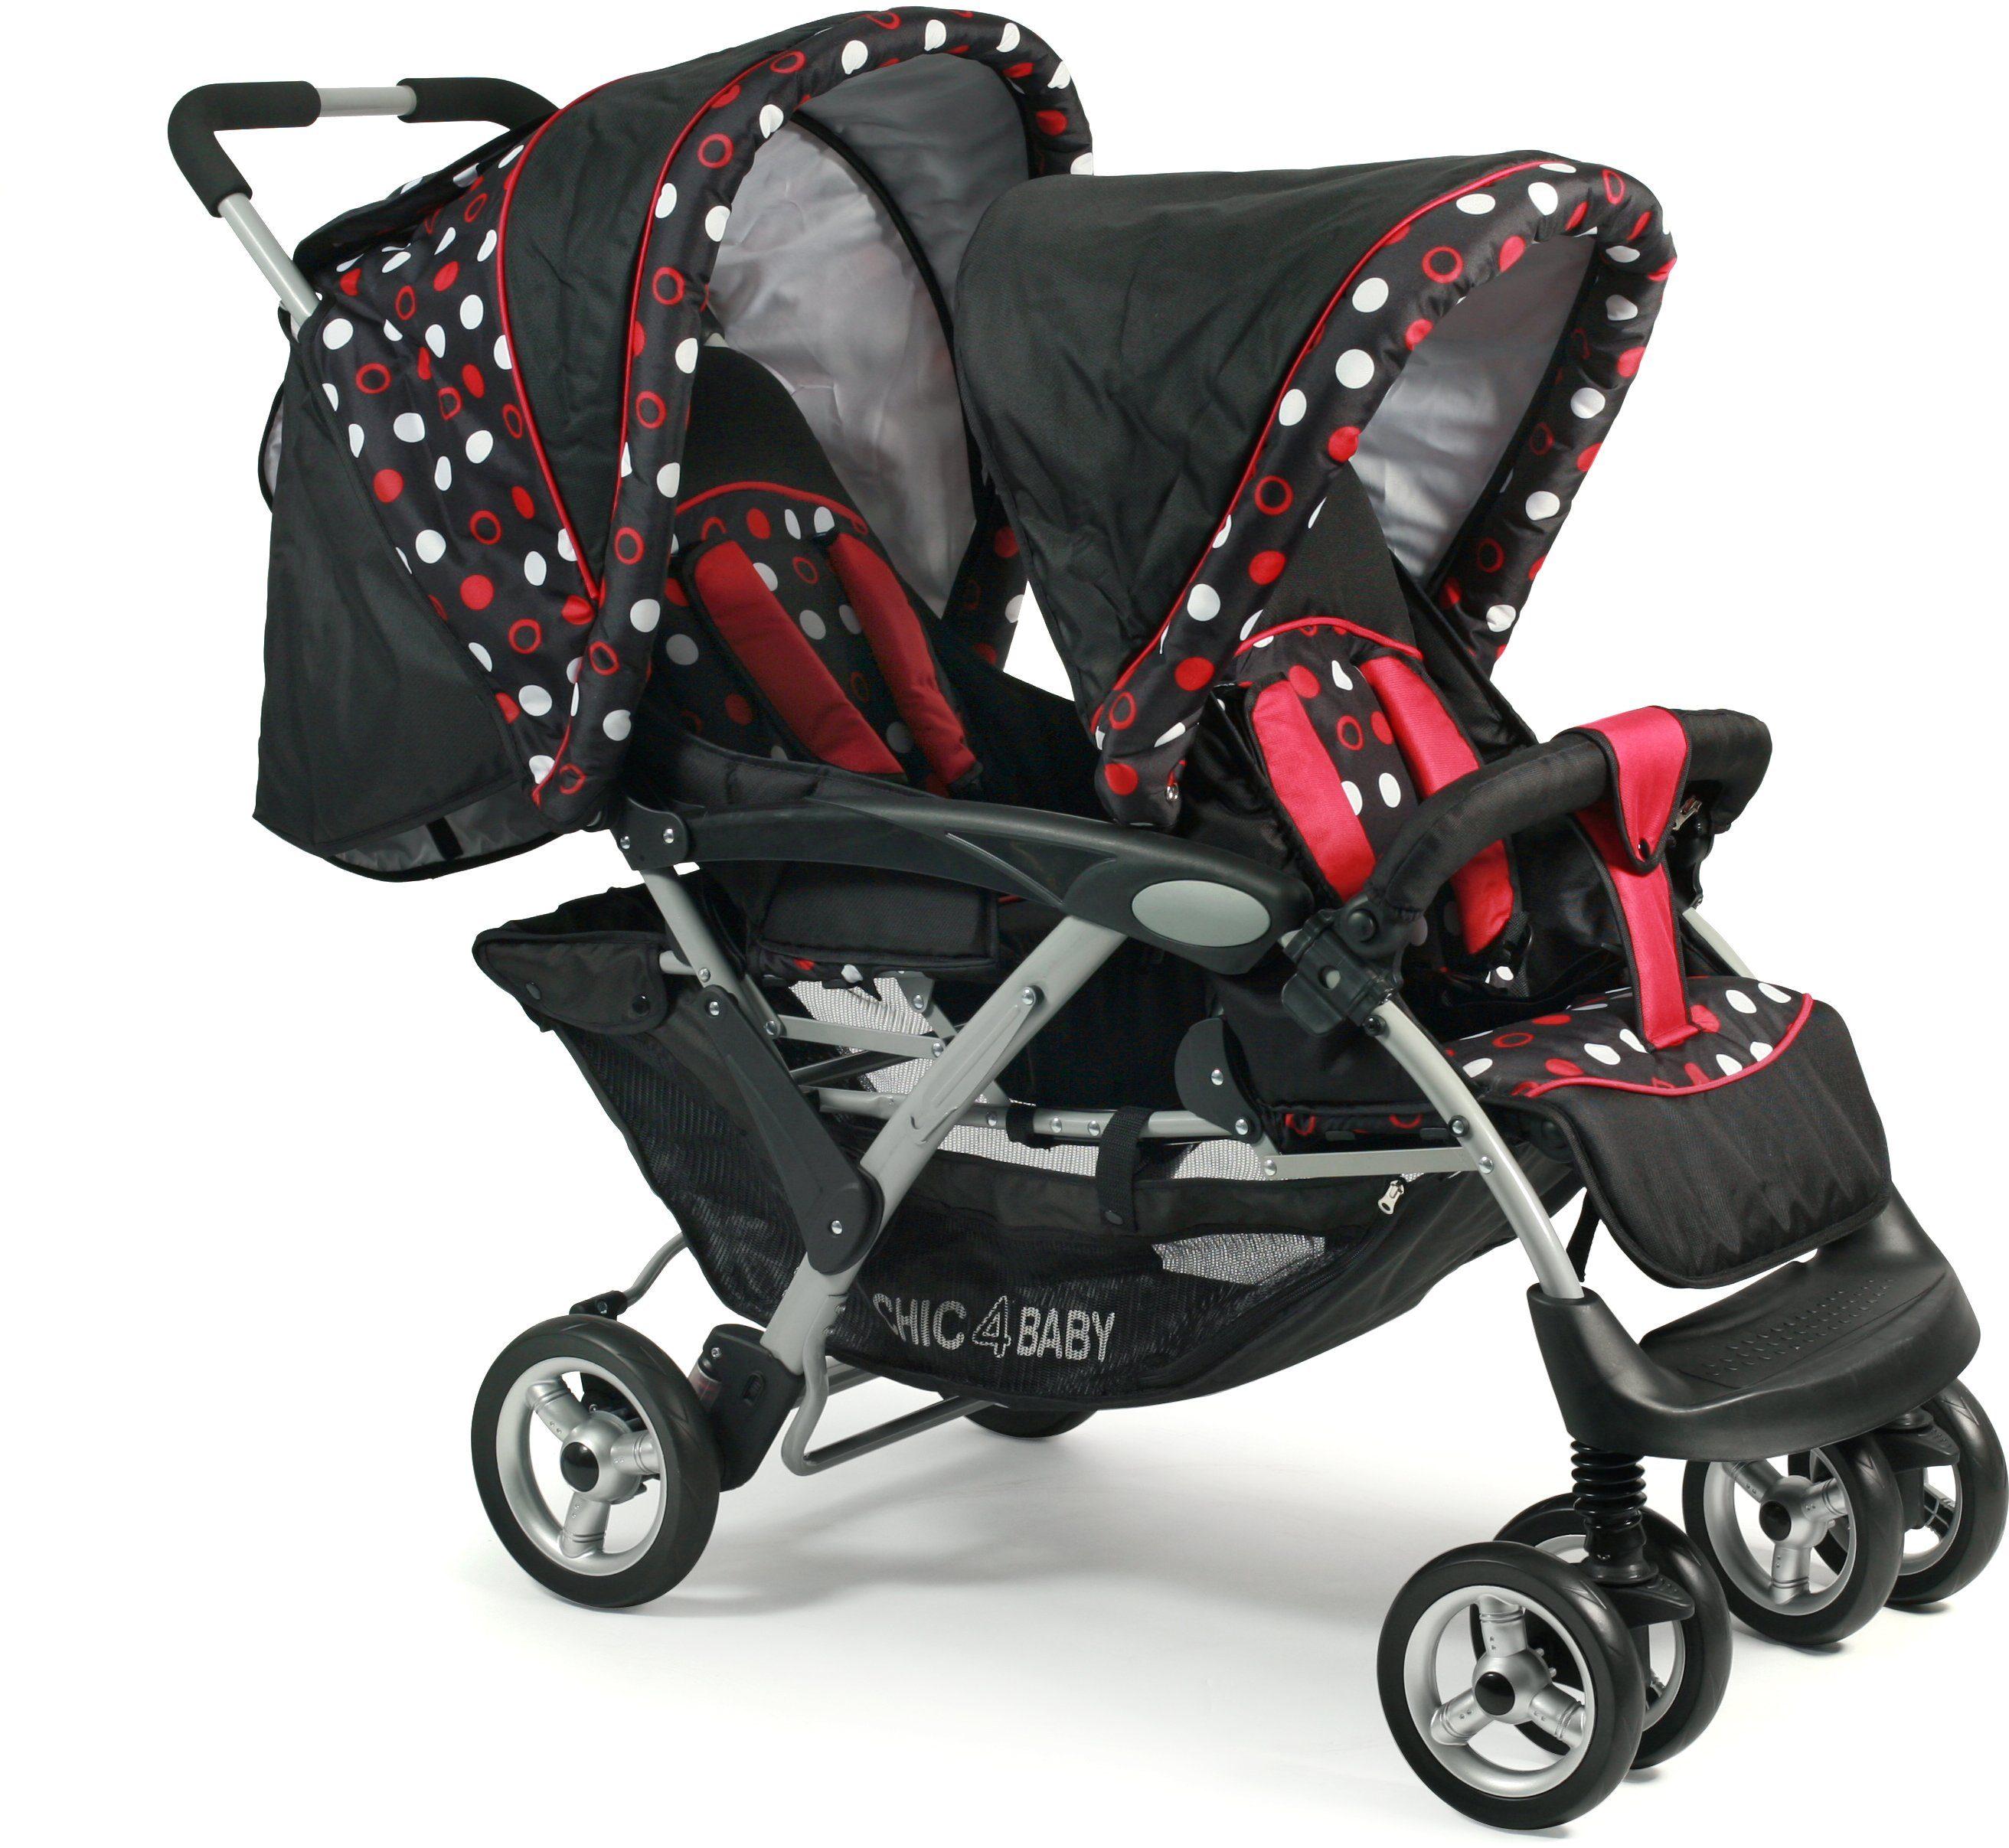 CHIC4BABY Geschwisterwagen mit herausnehmbarer Baby Tragetasche, »Duo dots«